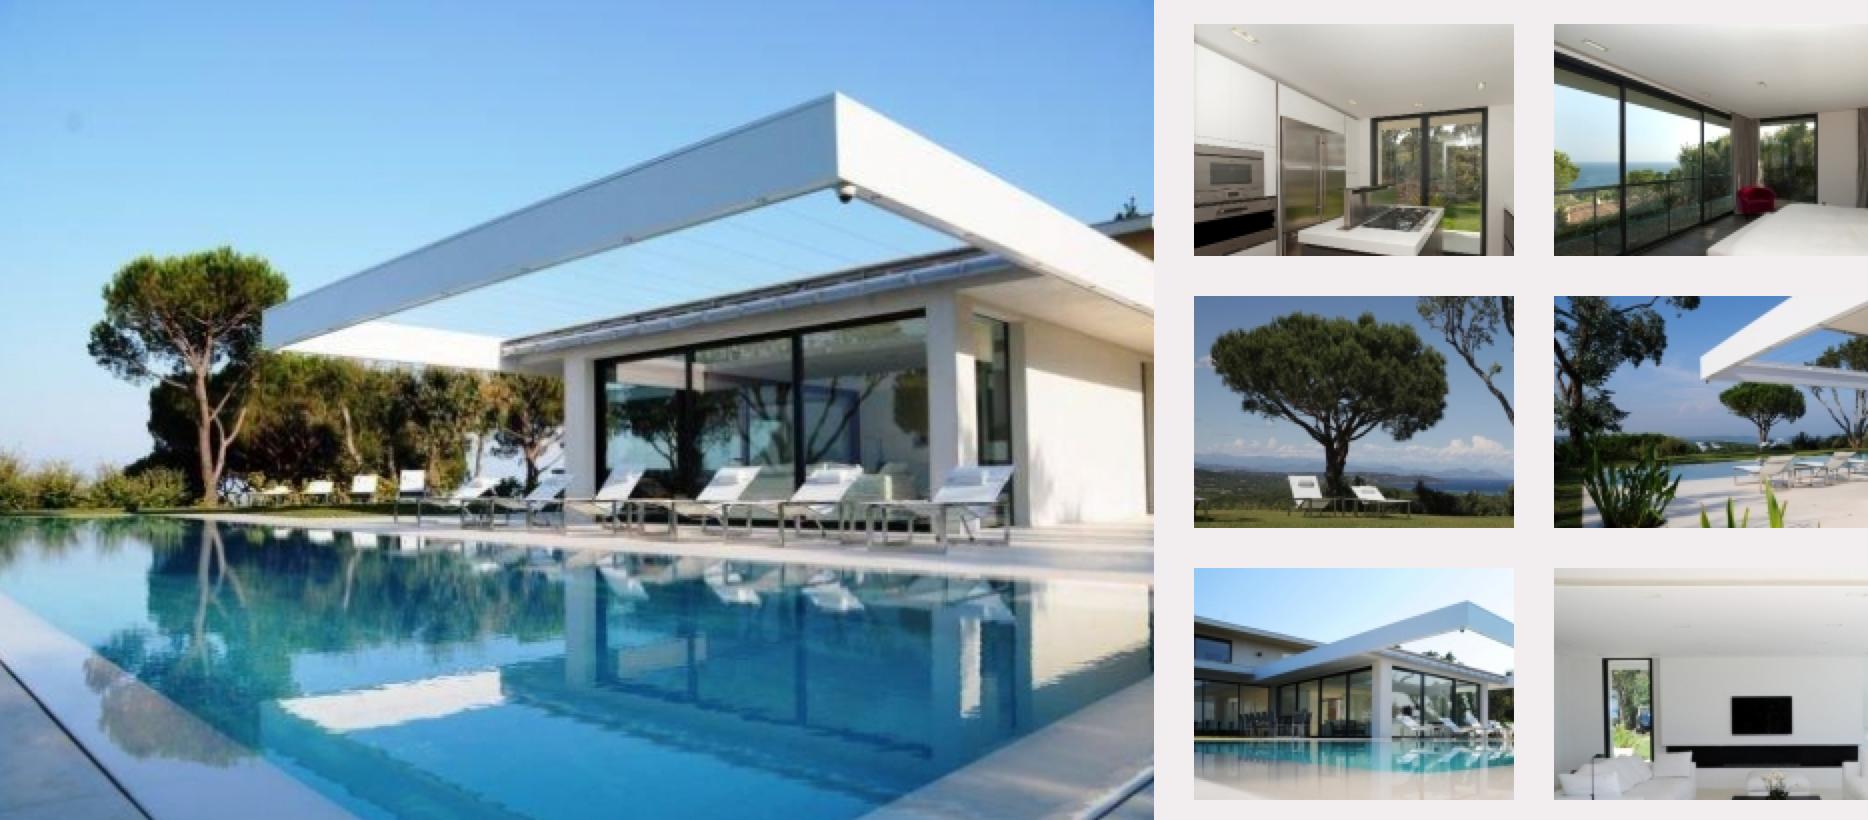 Immobilier Saint Tropez – Les plus belles villas à vendre en 2016